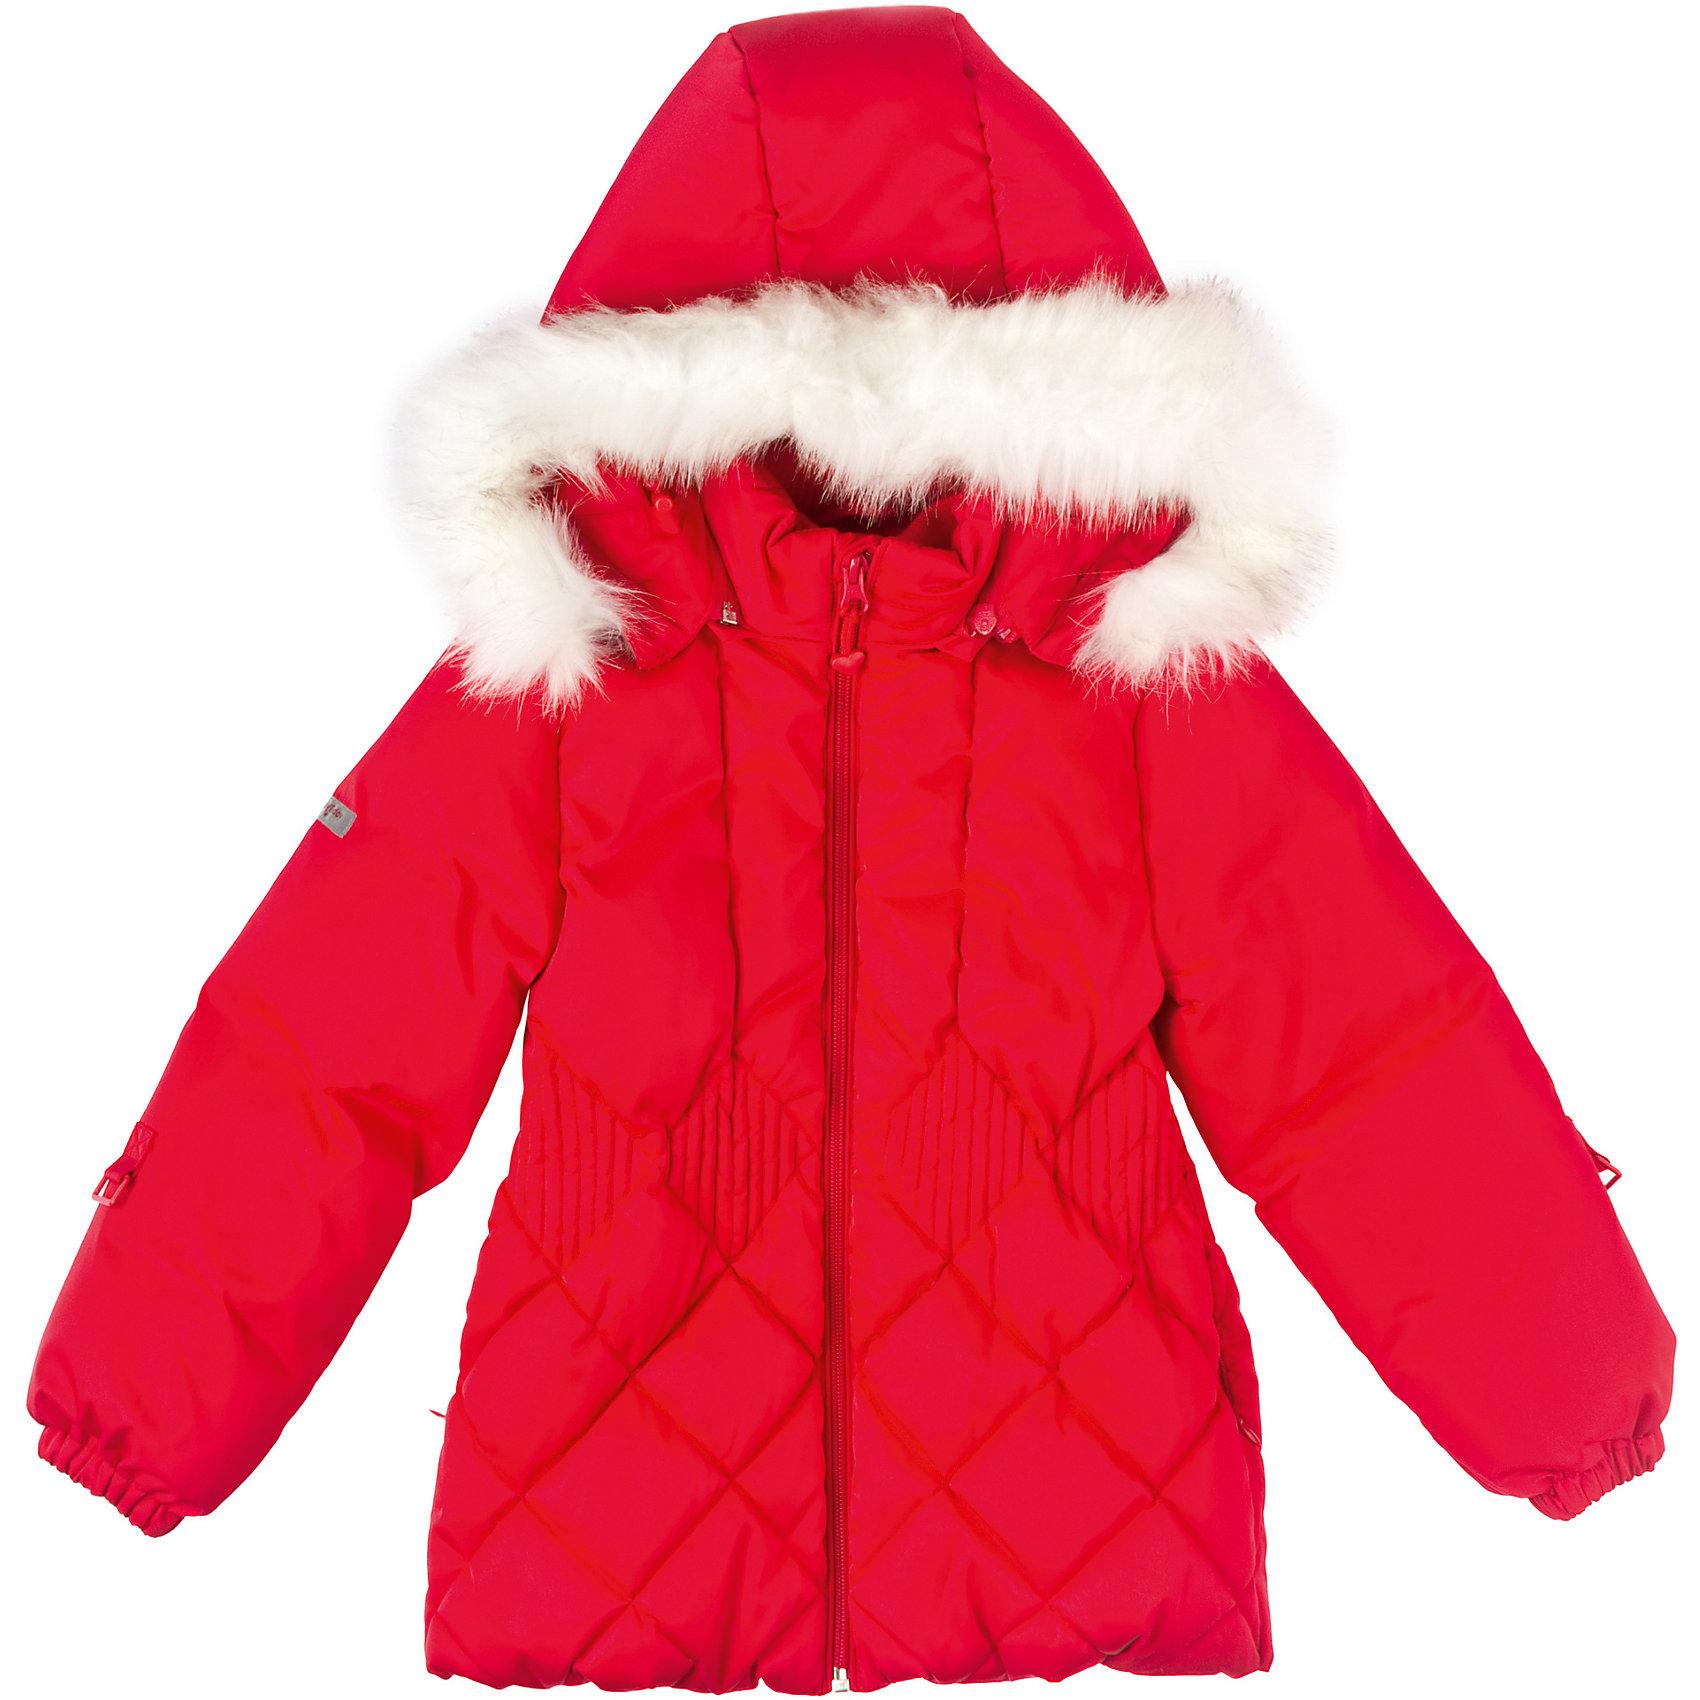 Куртка для девочки PlayTodayВерхняя одежда<br>Куртка для девочки PlayToday Стильная приталенная пуховая куртка для девочек. Воротник отделан искуственным мехом. Манжеты на резинке. На рукавах специальные крепления для рукавичек. Состав: Верх: 100% полиэстер, Подкладка: 100% полиэстер, Утеплитель: 90% пух, 10% перо<br><br>Ширина мм: 356<br>Глубина мм: 10<br>Высота мм: 245<br>Вес г: 519<br>Цвет: красный<br>Возраст от месяцев: 36<br>Возраст до месяцев: 48<br>Пол: Женский<br>Возраст: Детский<br>Размер: 104,110,122,116,98,128<br>SKU: 4228765